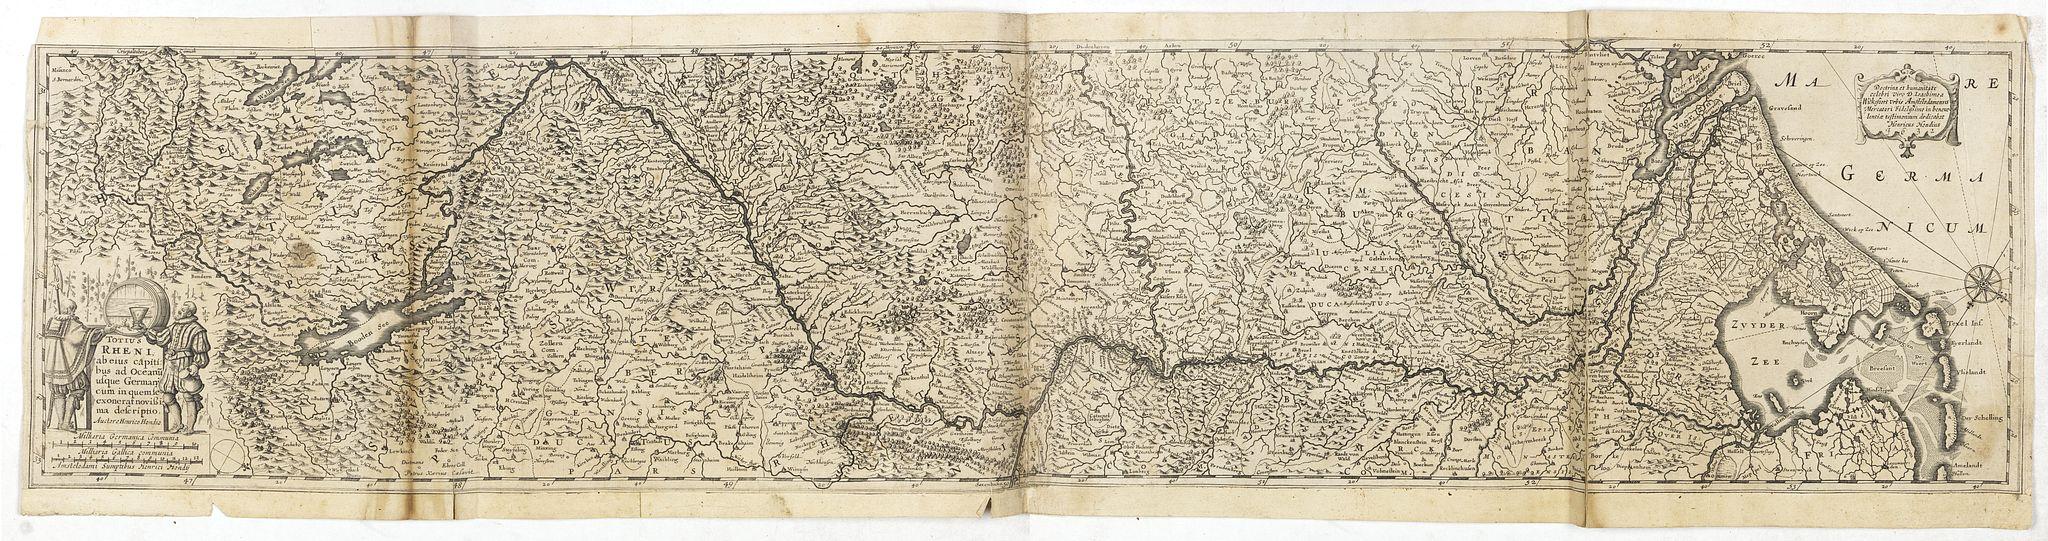 HONDIUS, H. -  Totius Rheni, ab eius Capitibus ad Oceanu usque Germanicum in quem se Exonerat Novissima Descriptio.